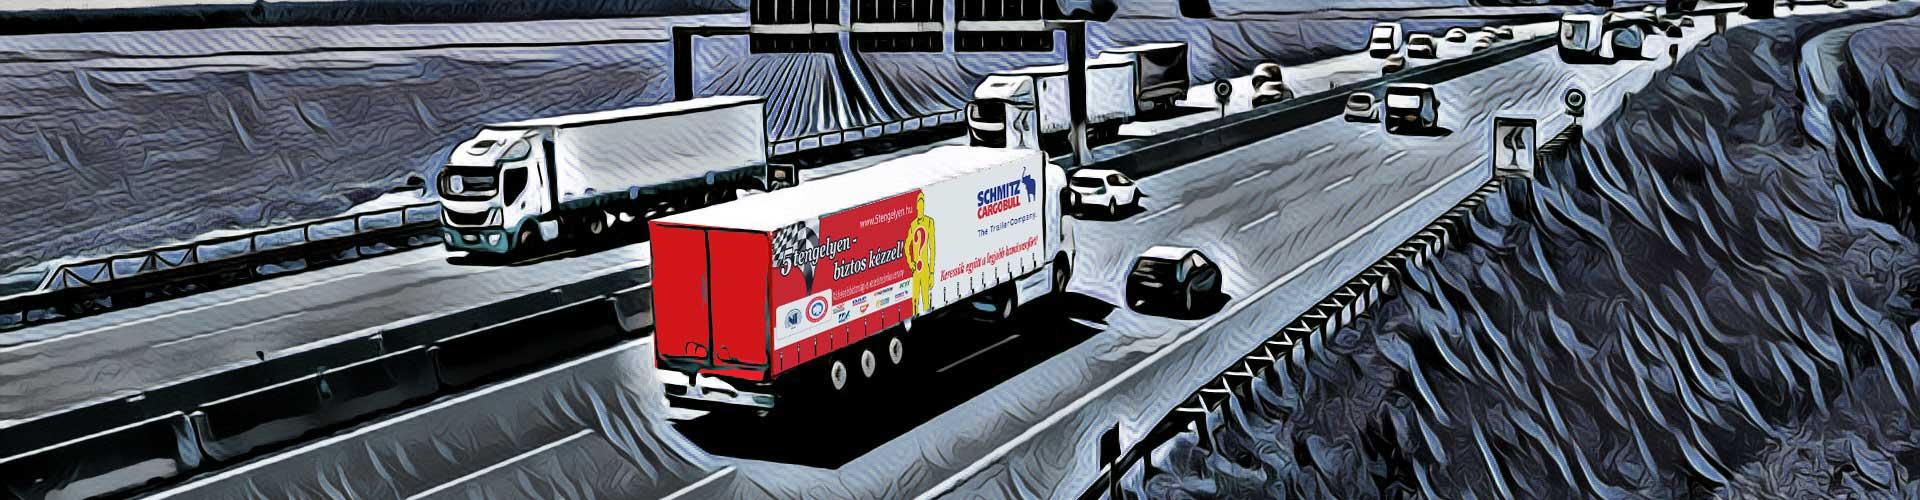 5 tengelyen kamion autópályán